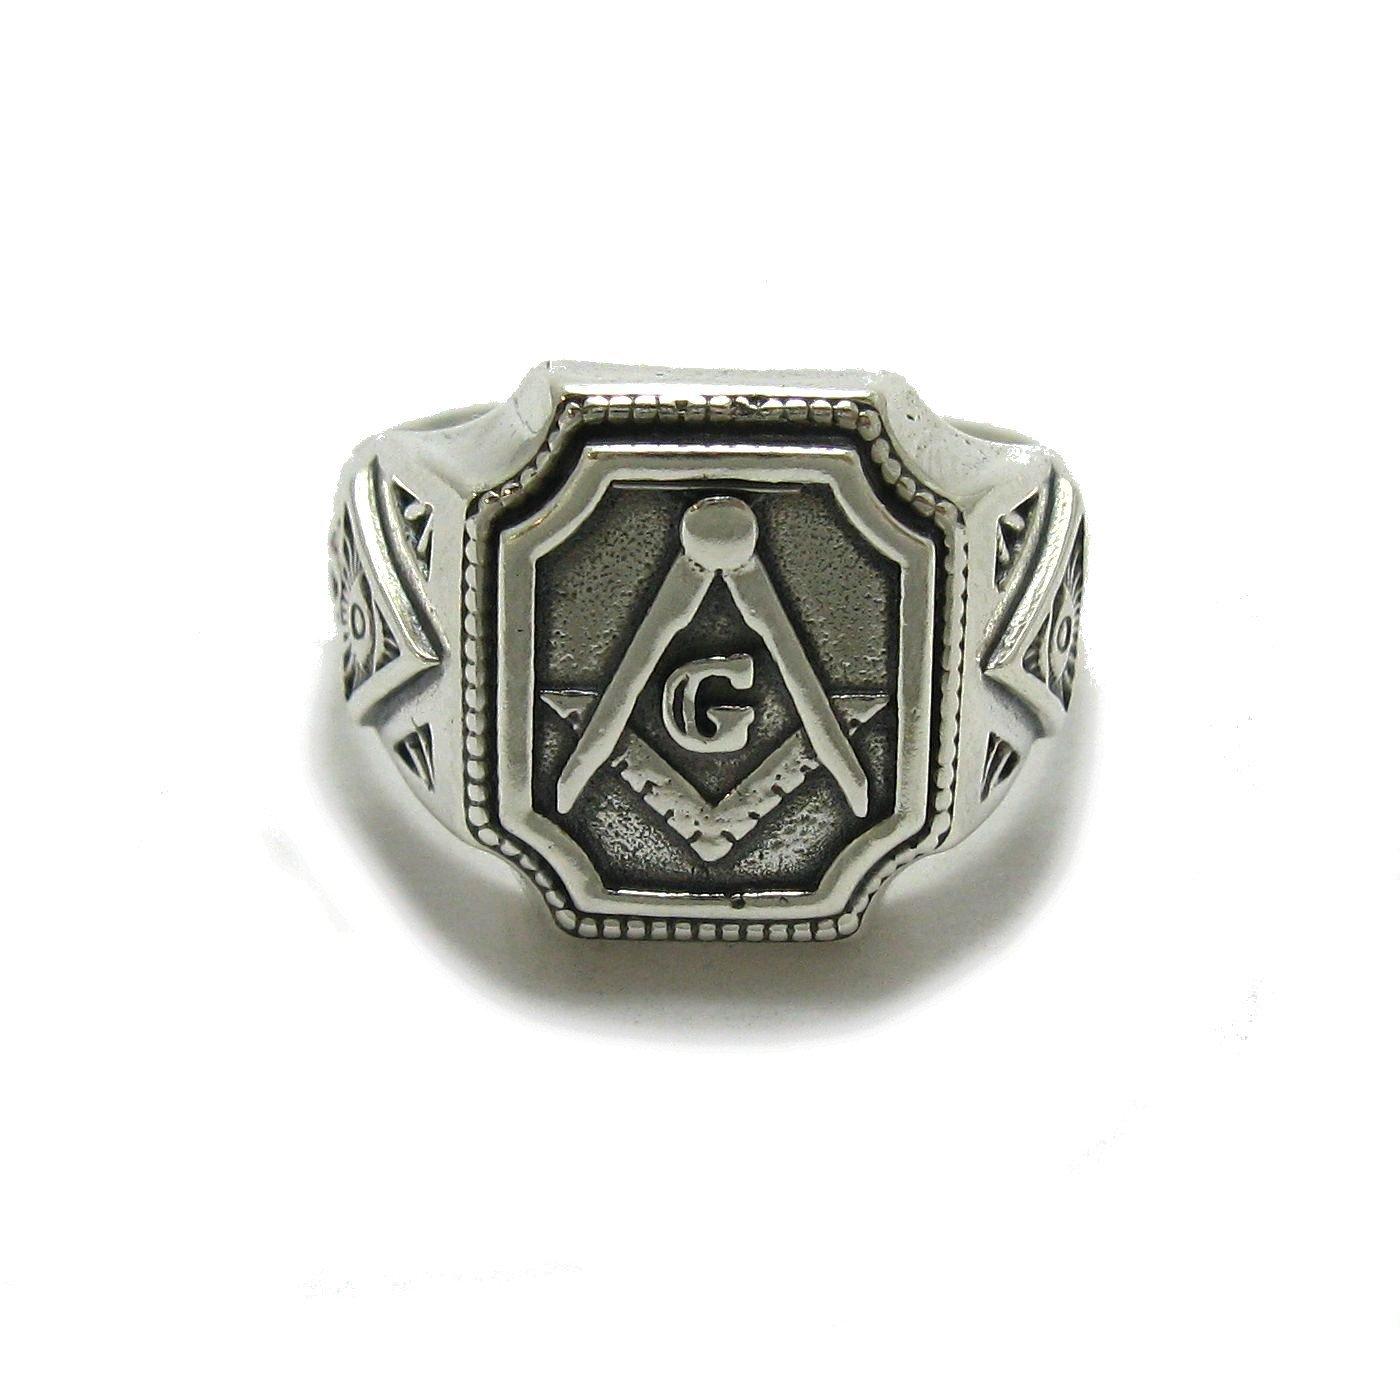 Anello massonico da uomo in argento 925 R001781